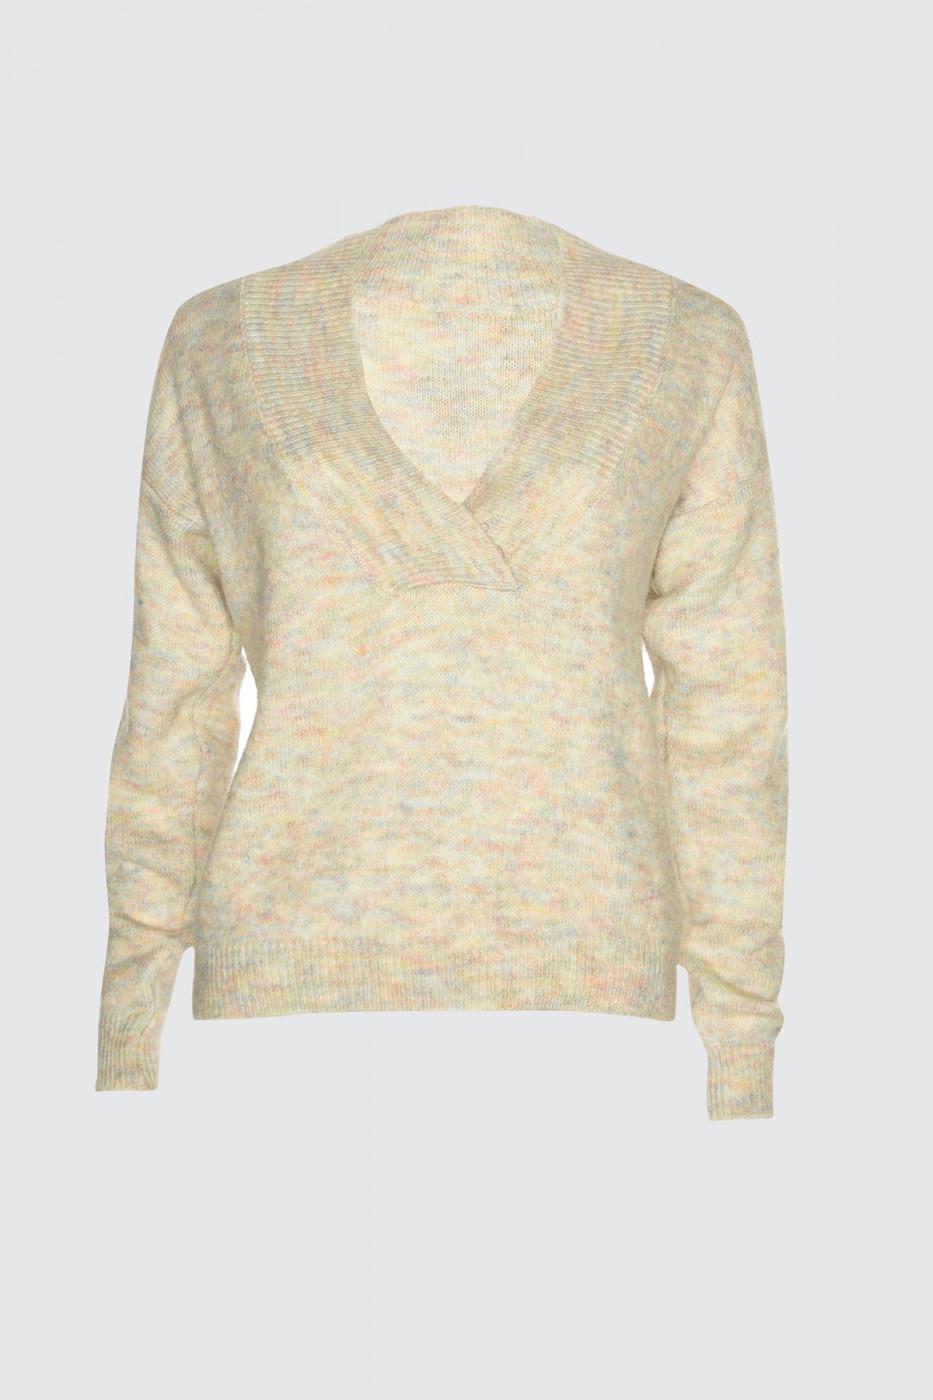 Trendyol Beige Gradient Knitwear Sweater